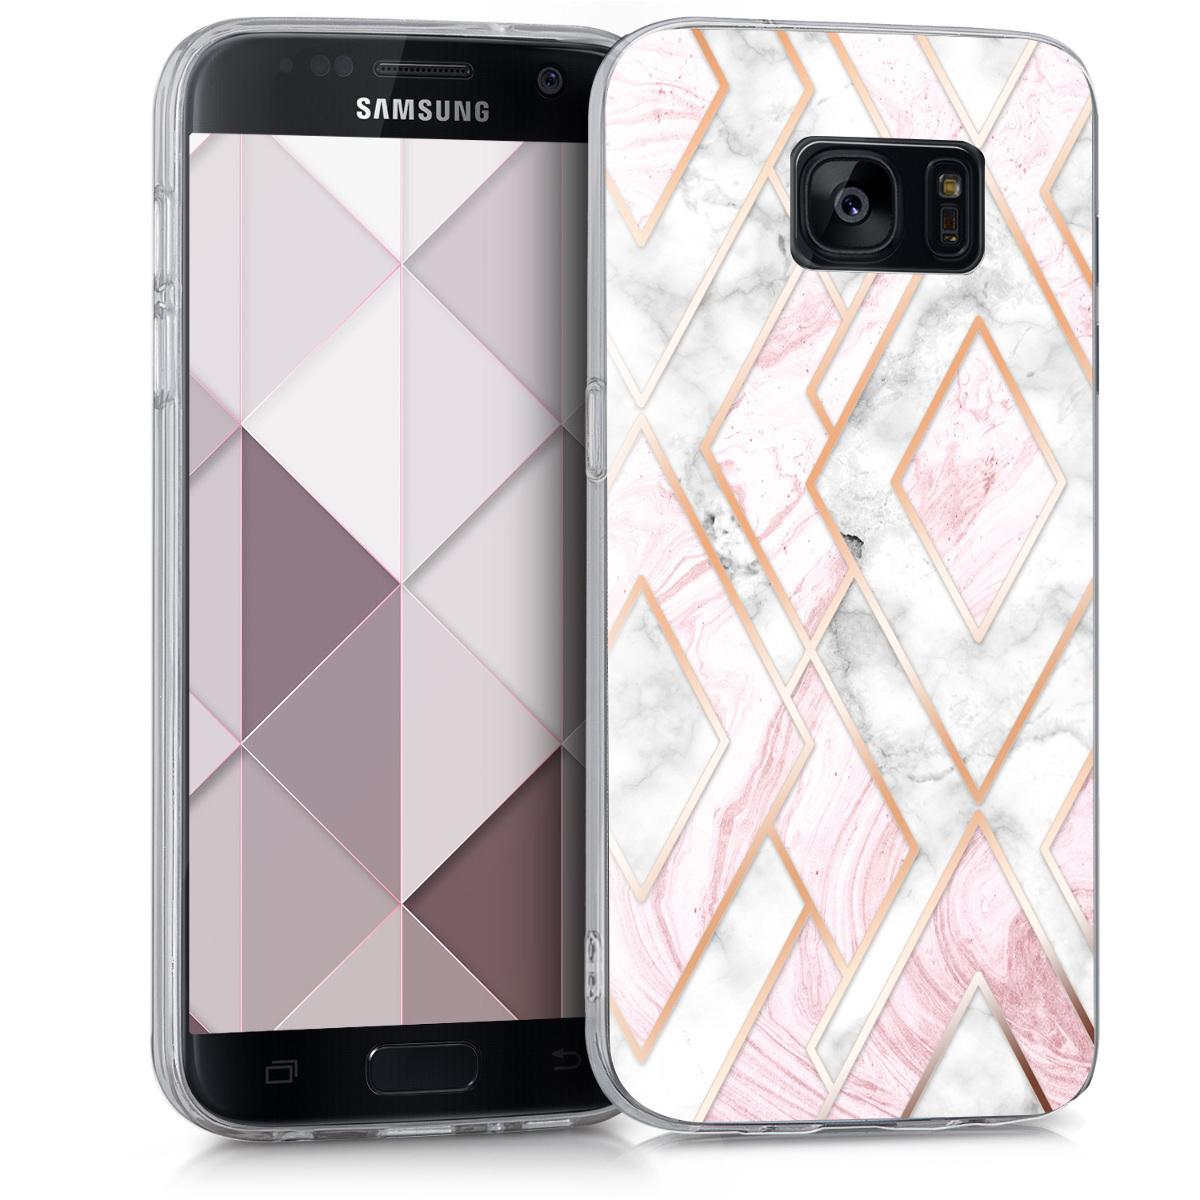 Kvalitní silikonové TPU pouzdro pro Samsung S7 - Glory Mix 2 starorůžové rosegold / bílé / růžové Dusty